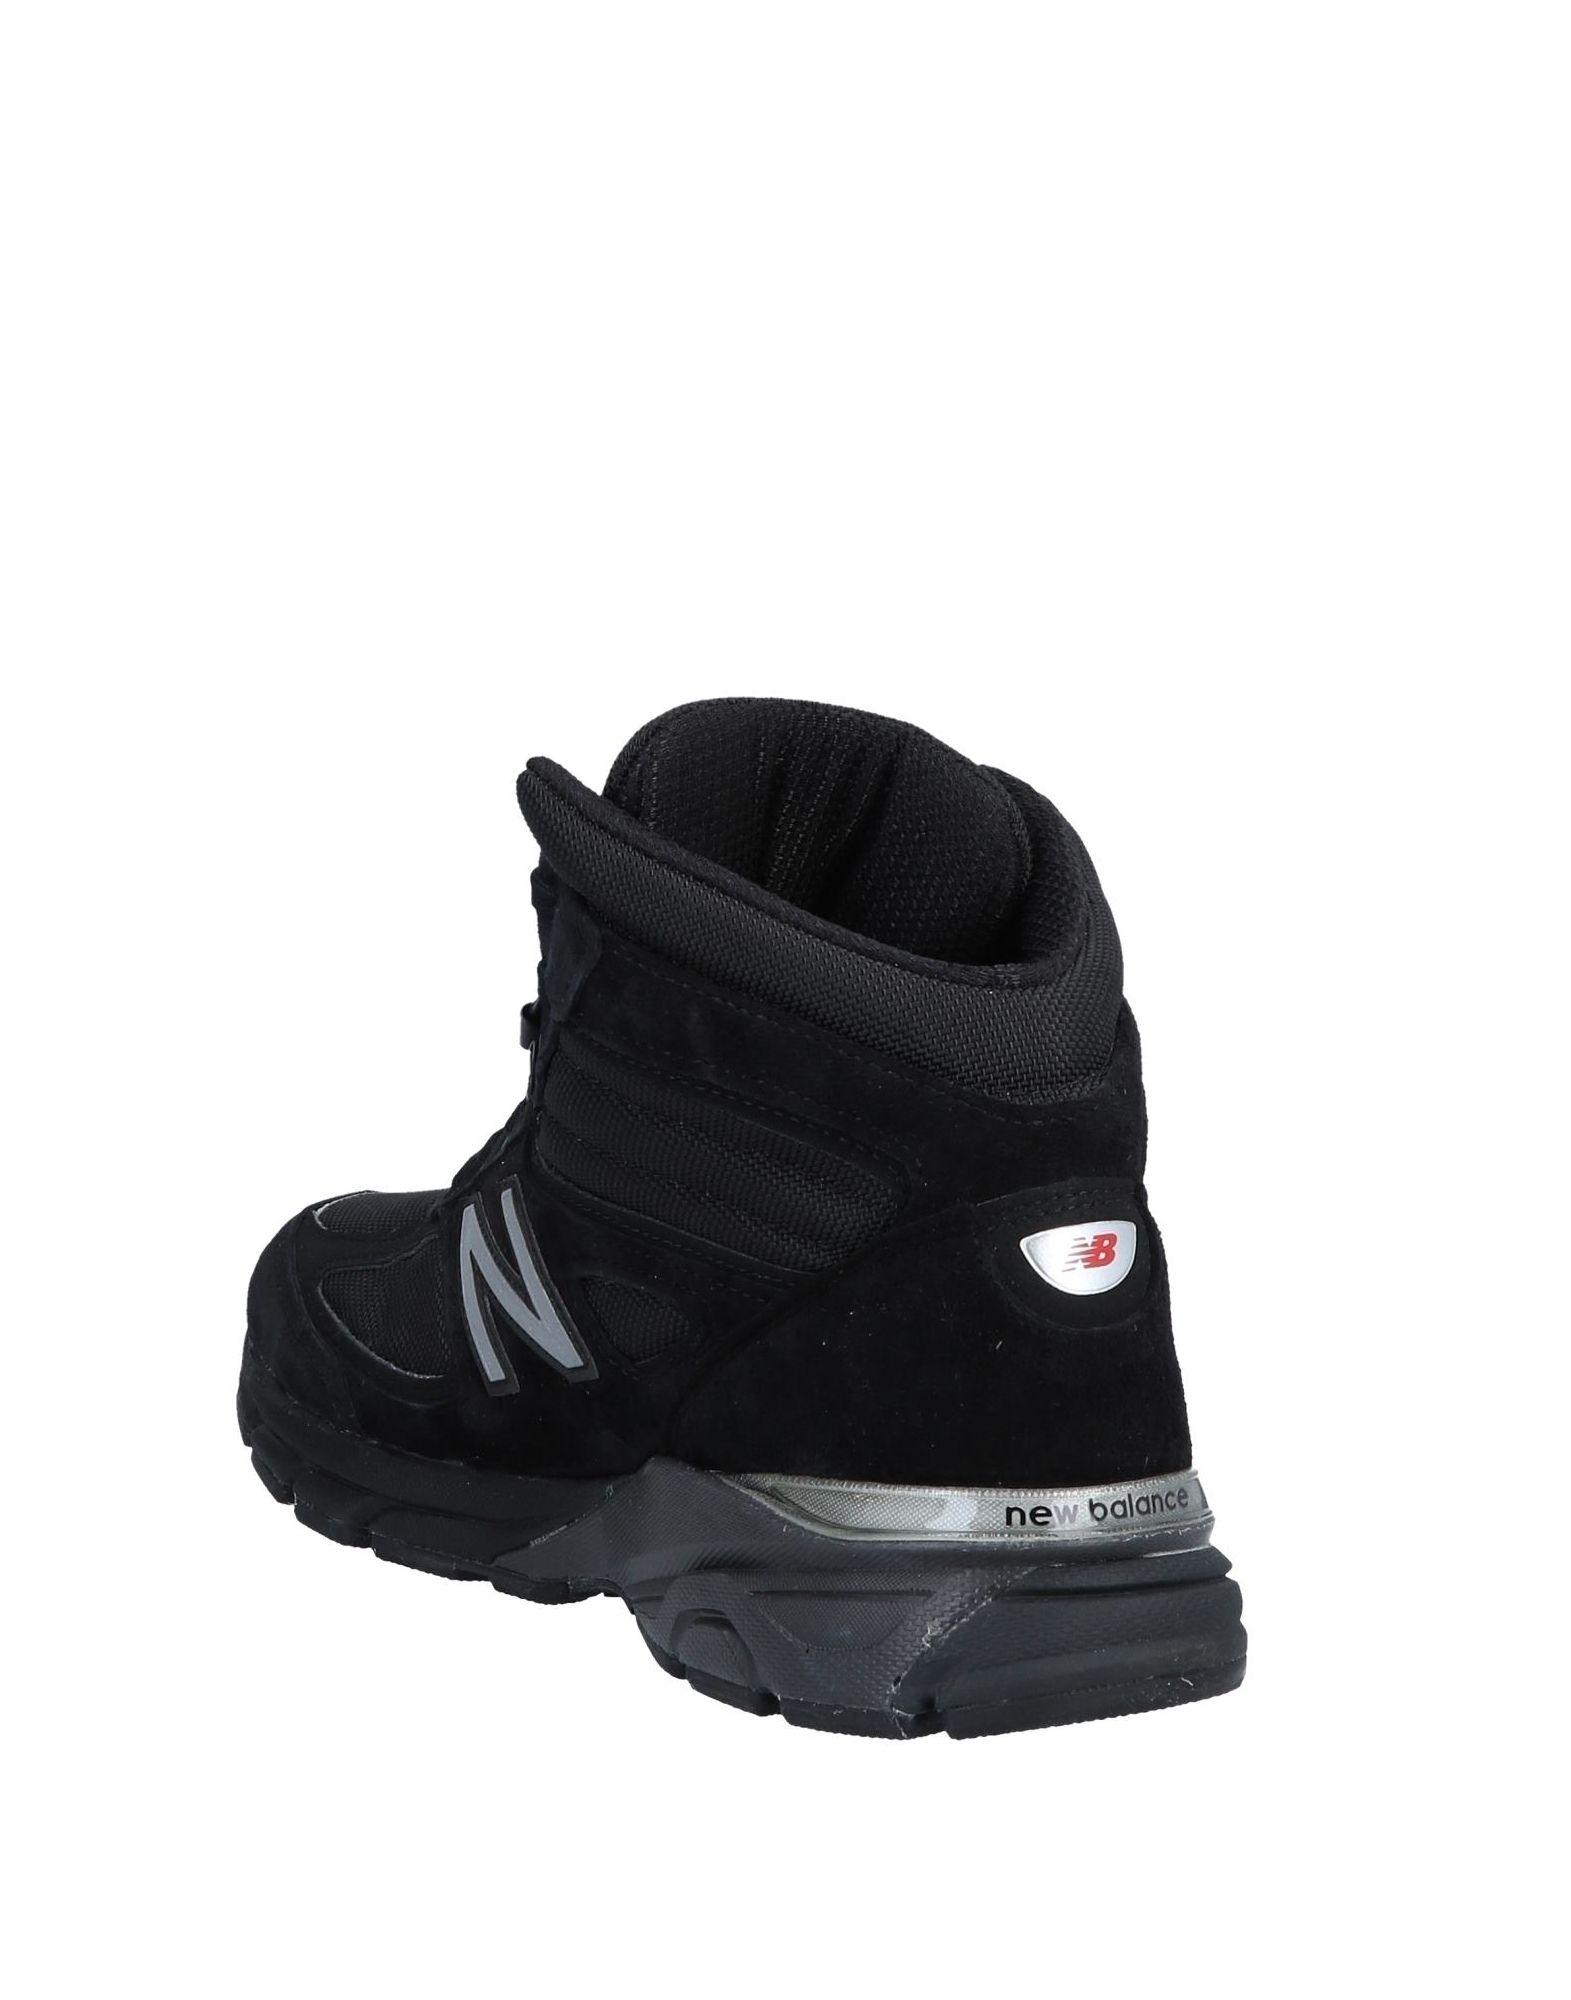 New Balance Gutes Sneakers Herren Gutes Balance Preis-Leistungs-Verhältnis, es lohnt sich 4c6ed0